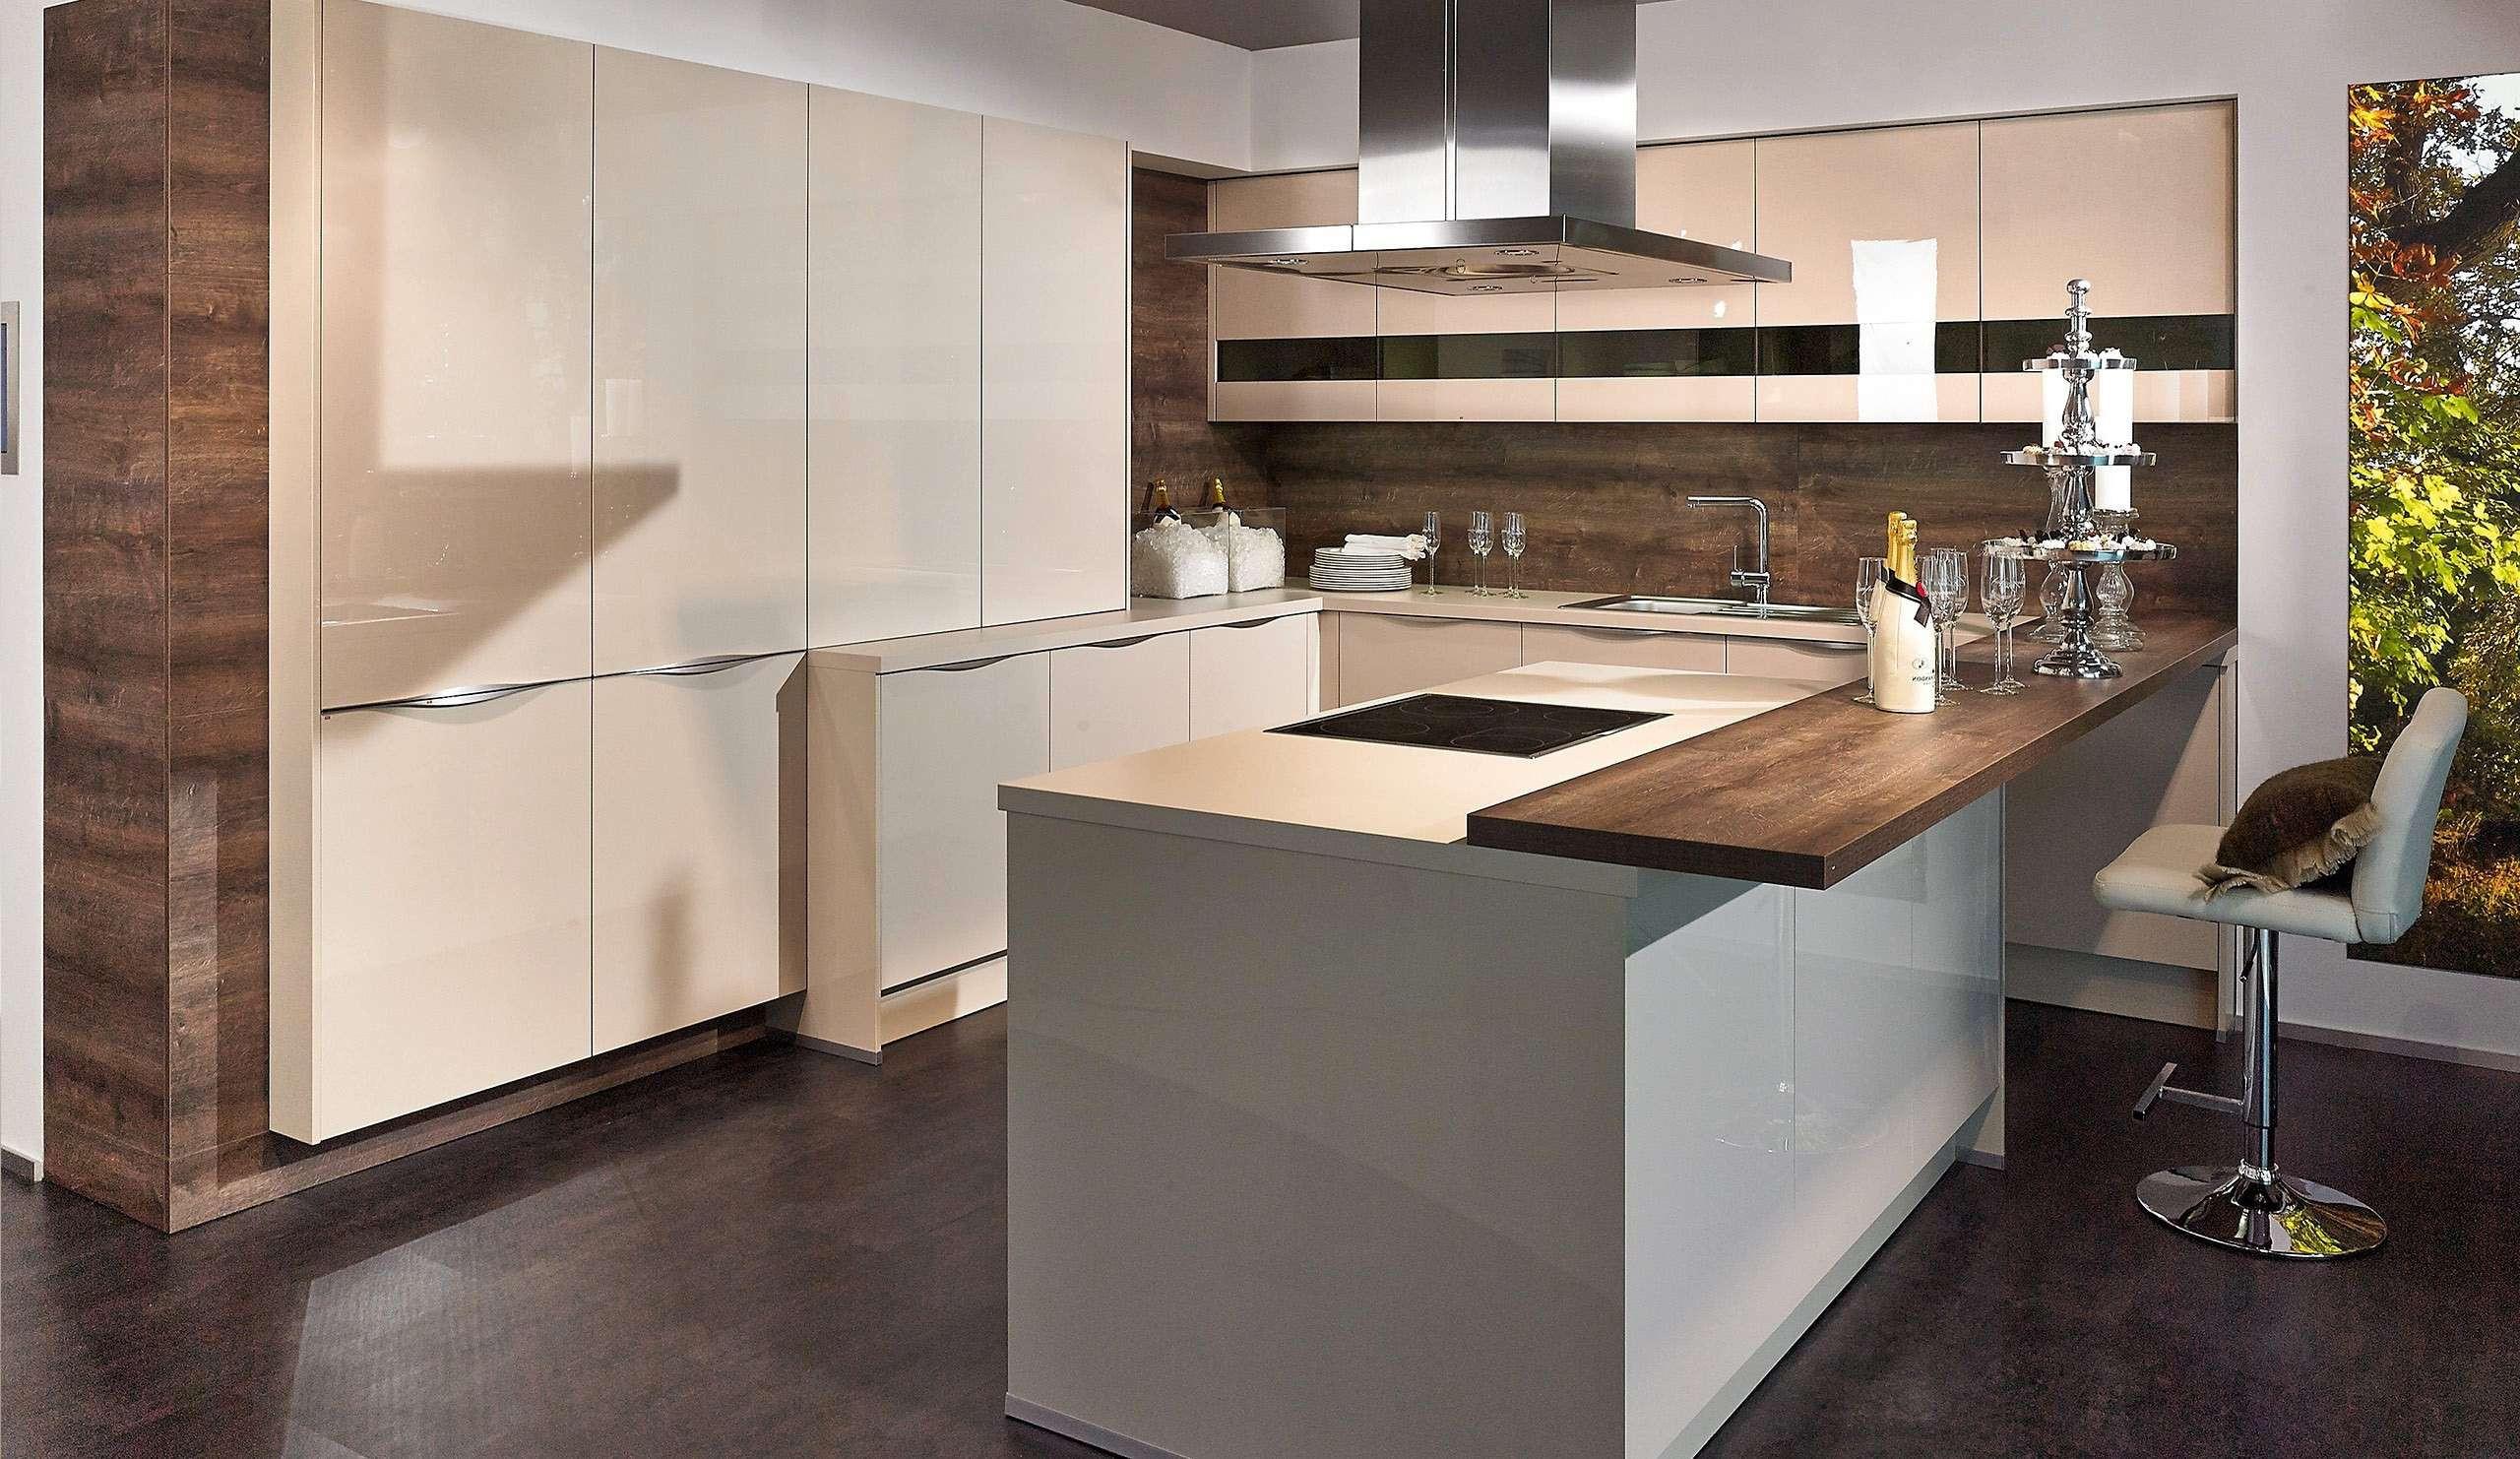 Full Size of Küche Deko Wand Deko Küche Wand Das Beste Von Große Küche 21 Elegant Ikea Küche Wanddeko Küche